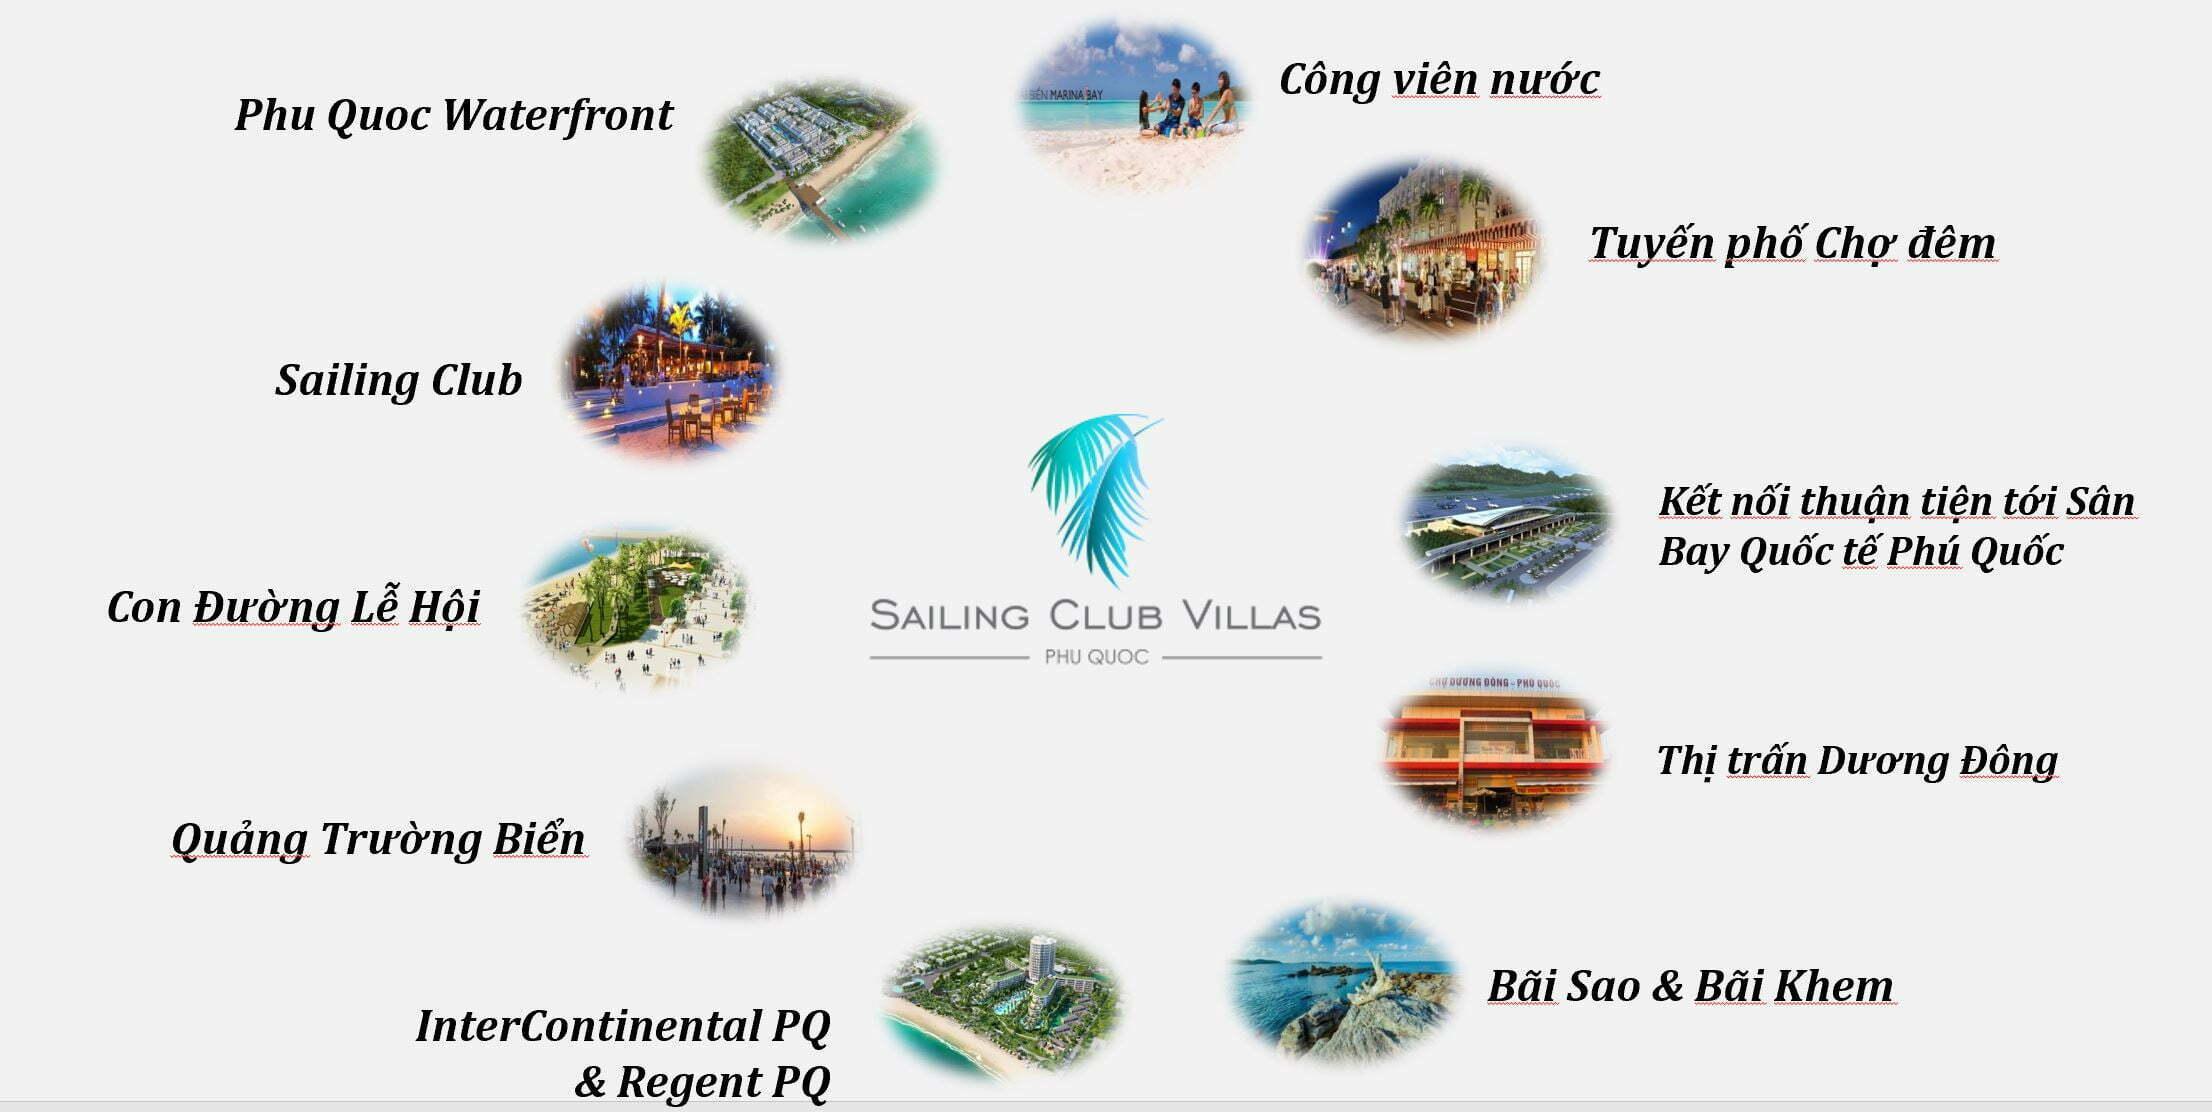 Kết nối tiện ích đa dạng với phong cách sống hiện đại phóng khoáng tại Saling Club Villas Phu Quoc